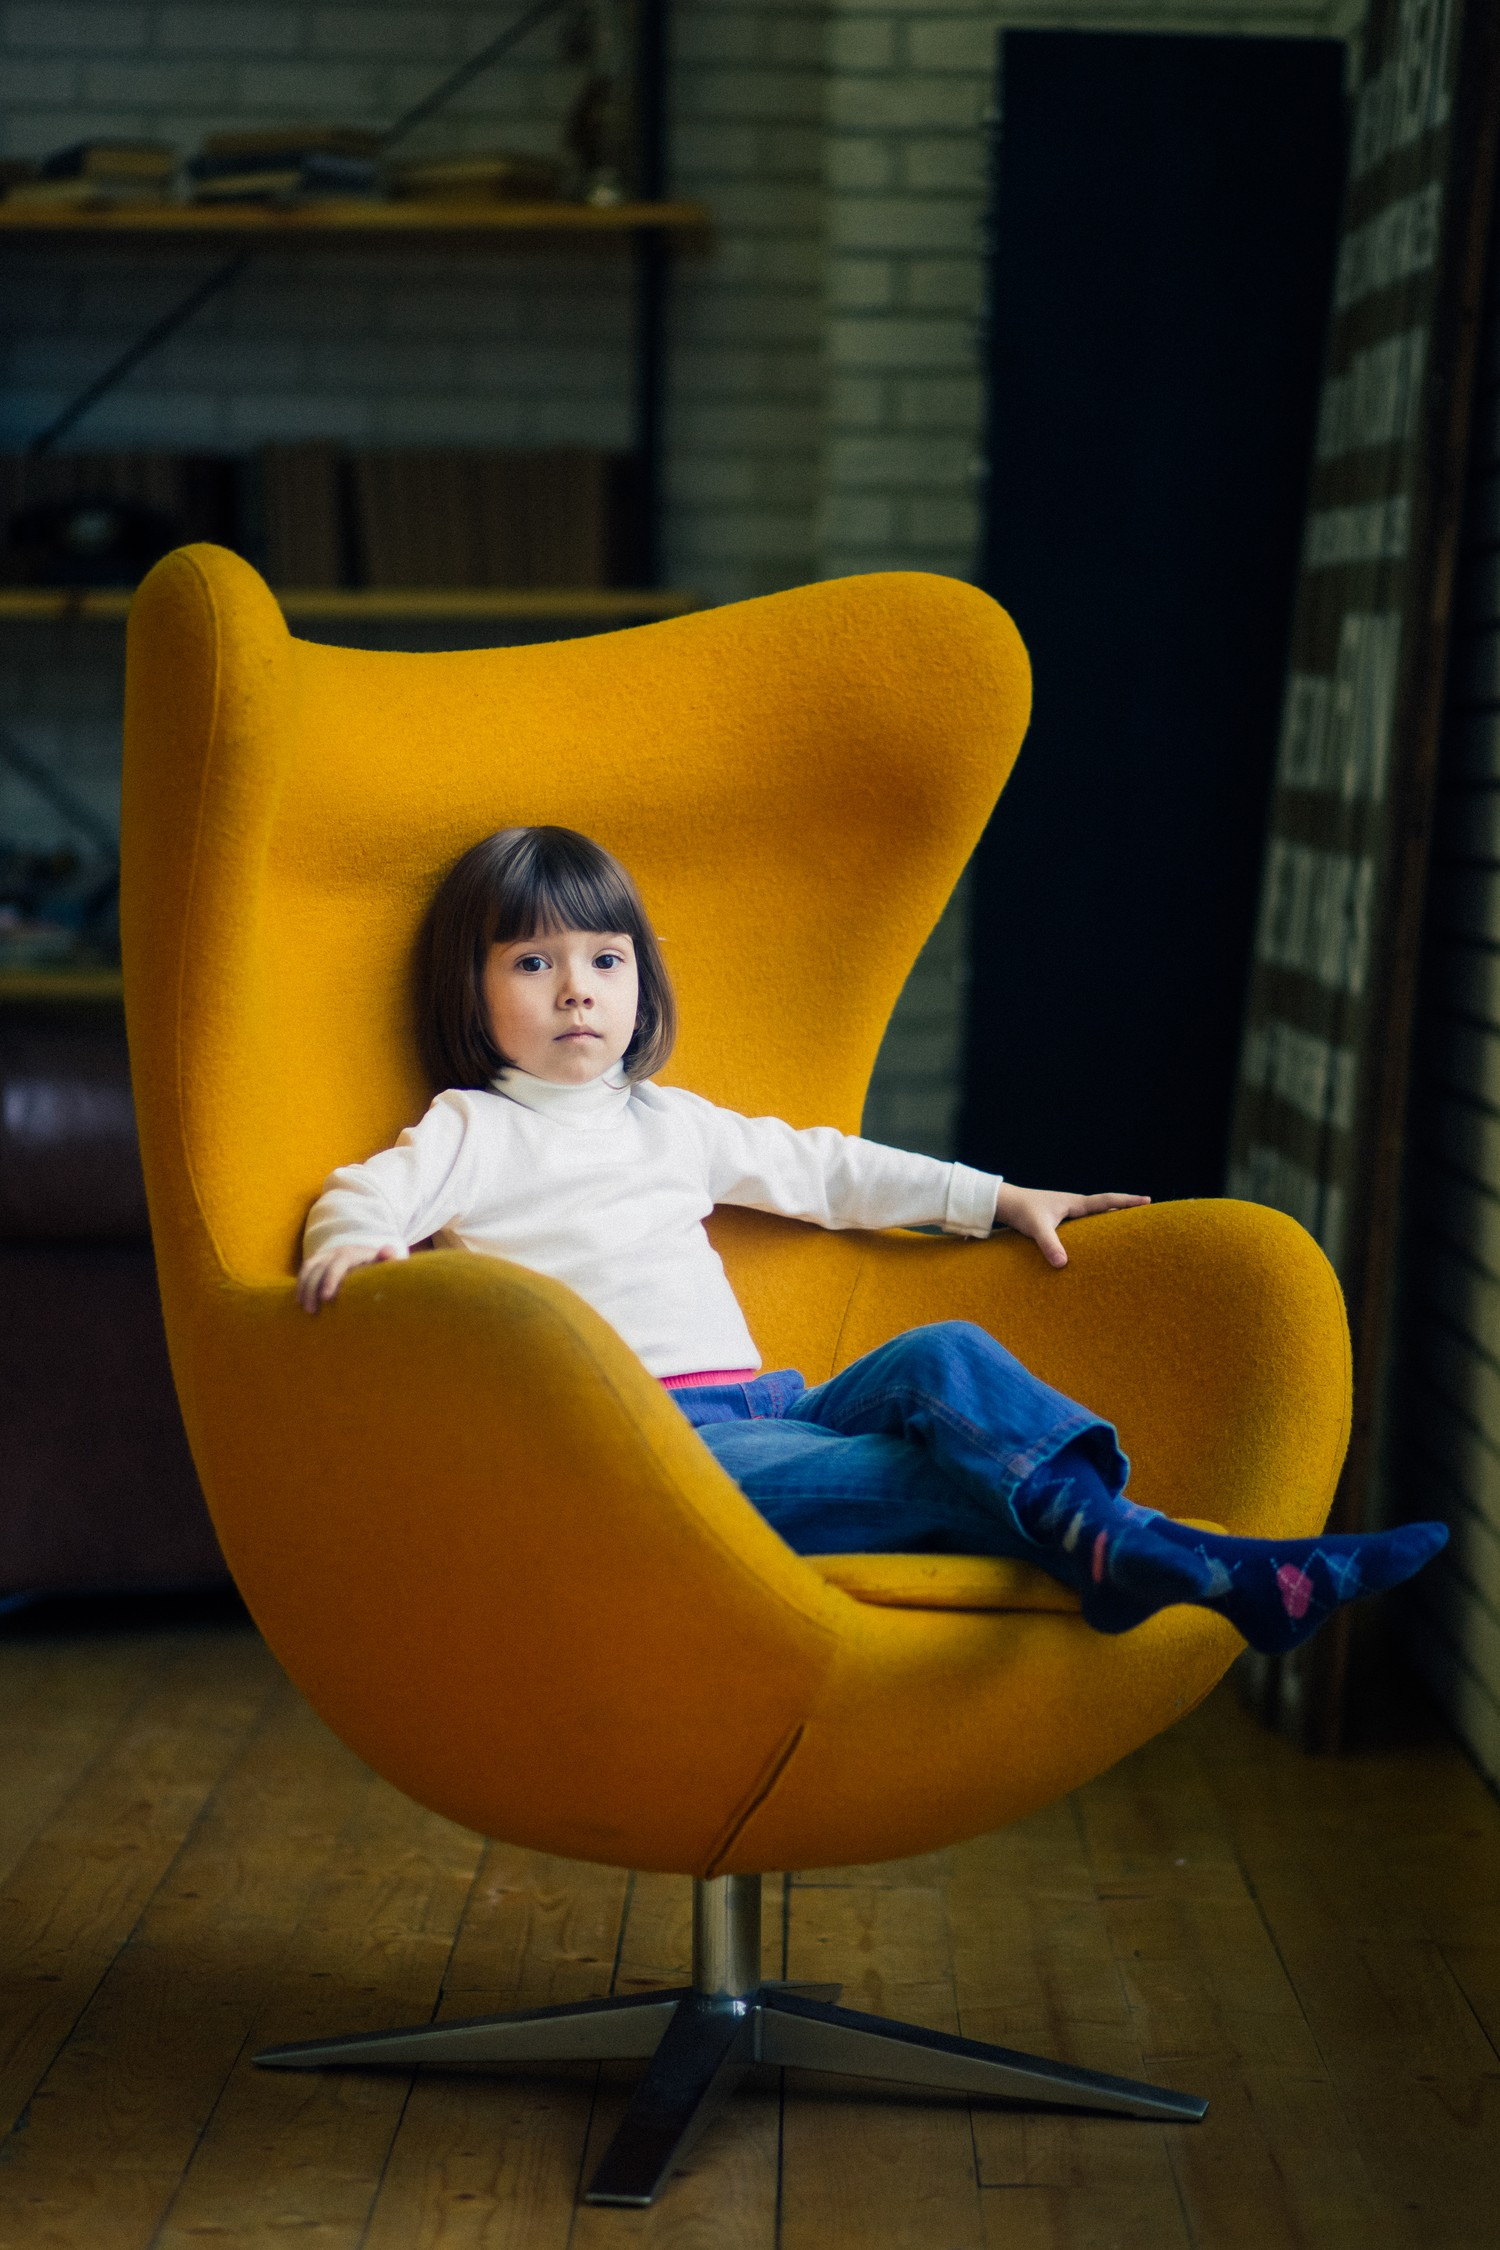 Лена в жёлтом кресле